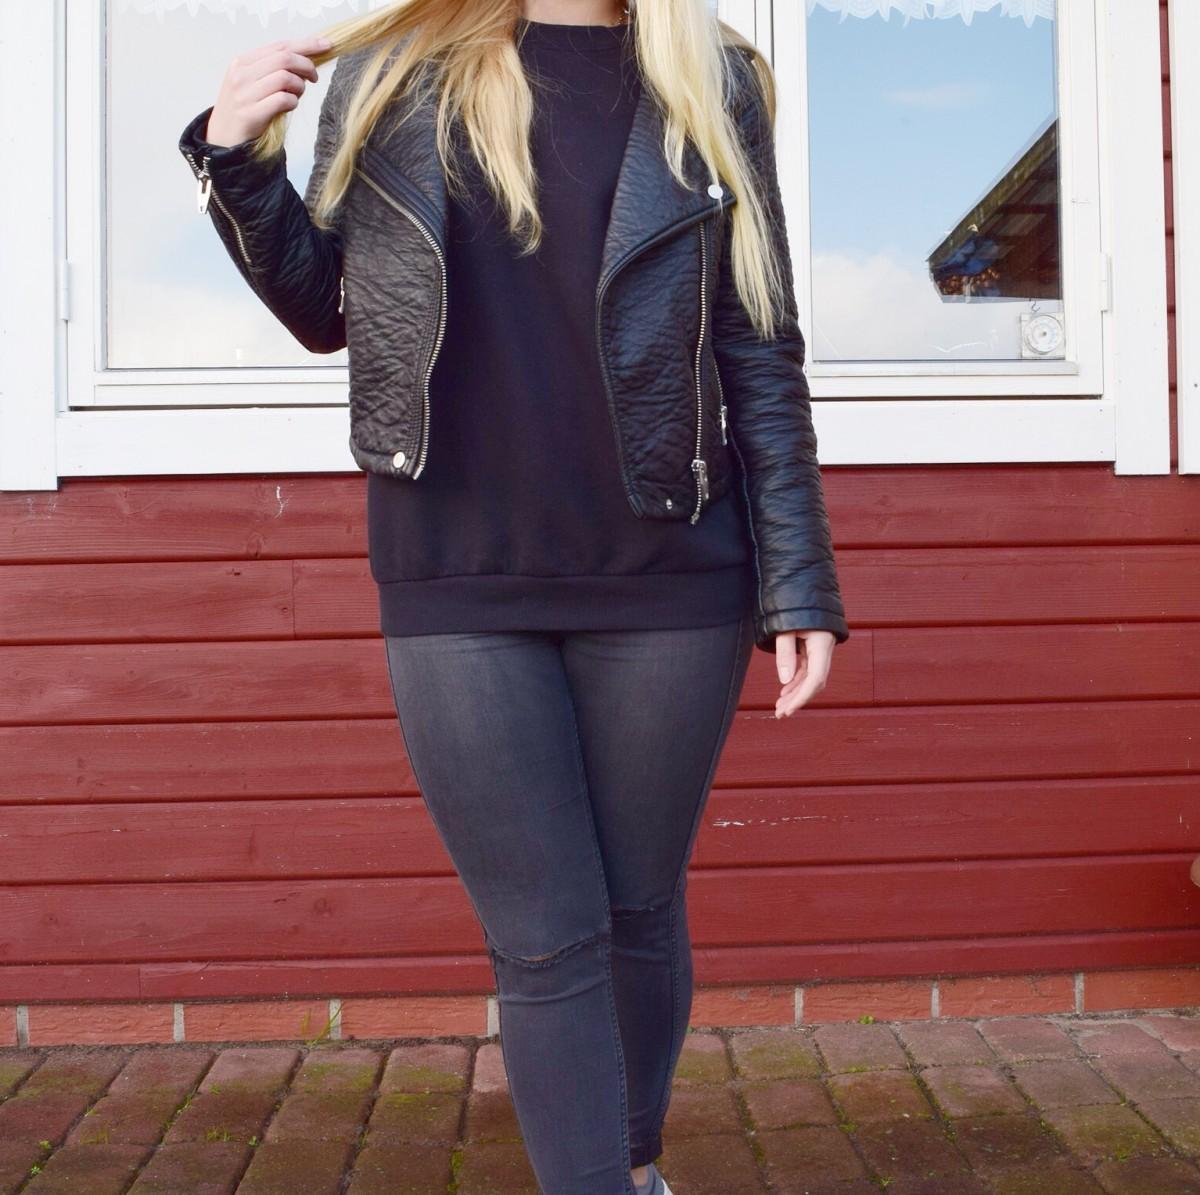 schwarzer-pullover-schwarze-lederjacke-ripped-jeans-blonde-haare-swanted